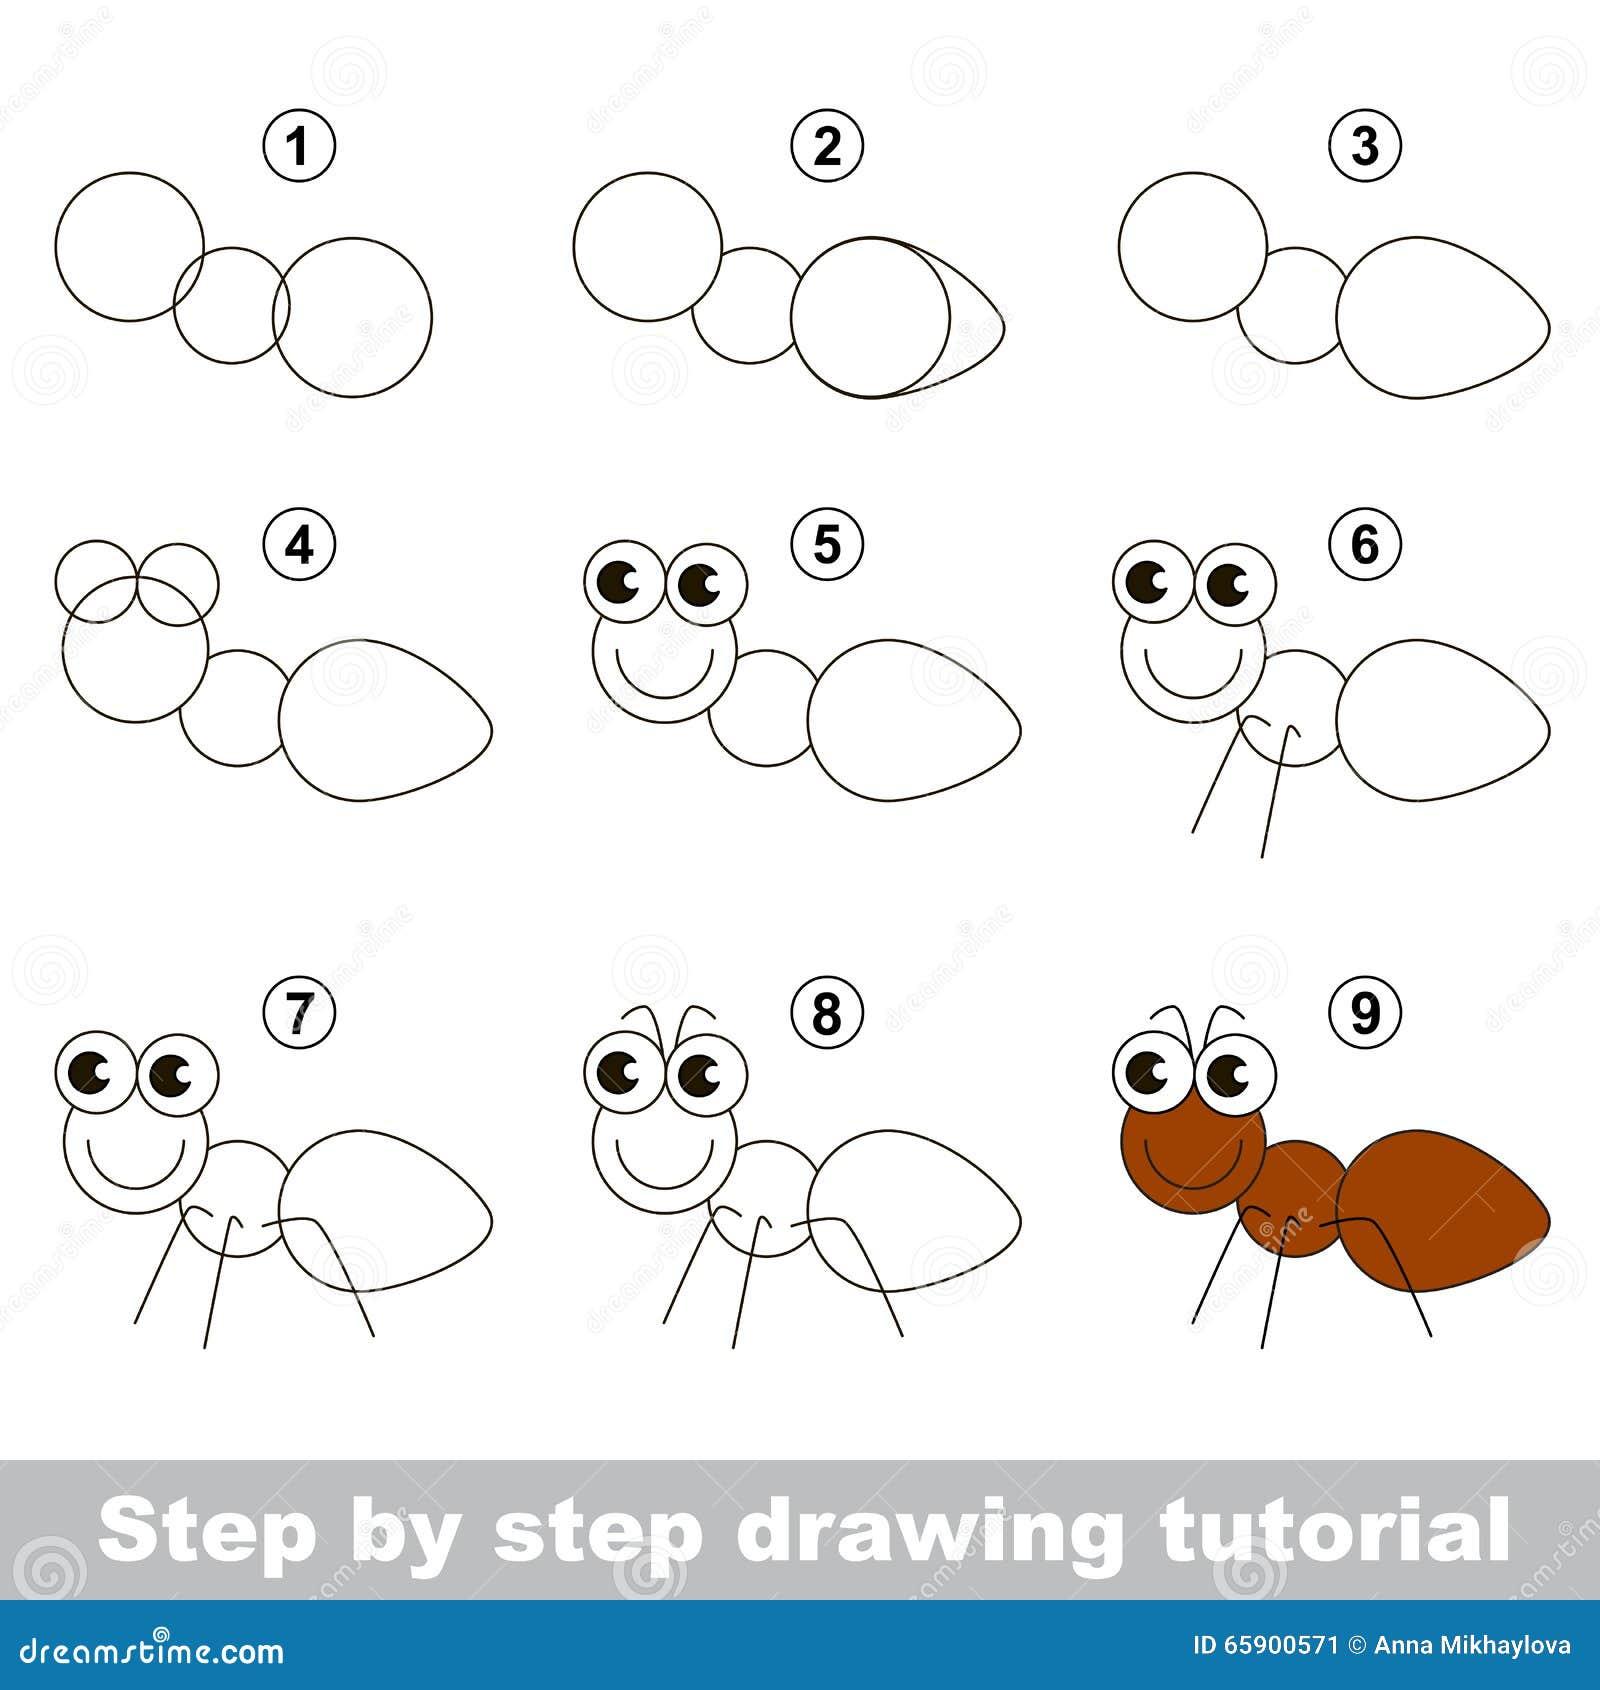 Обучение схемам по рисованию